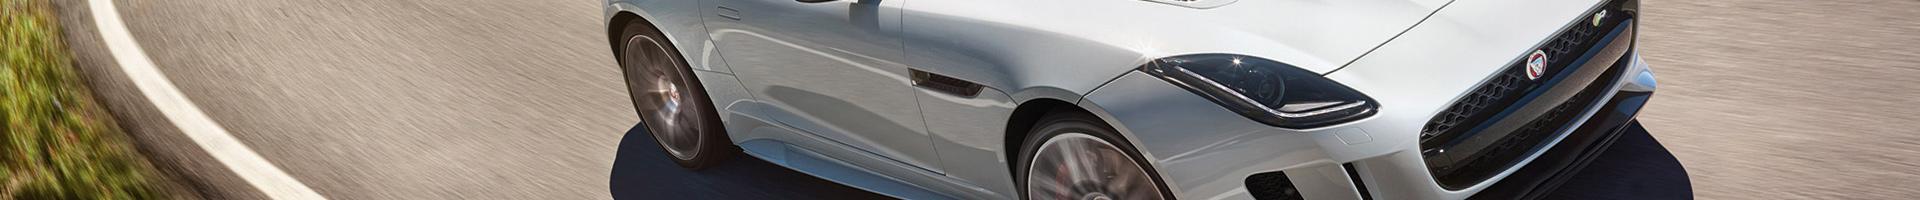 Rybrook Jaguar <em>News</em>